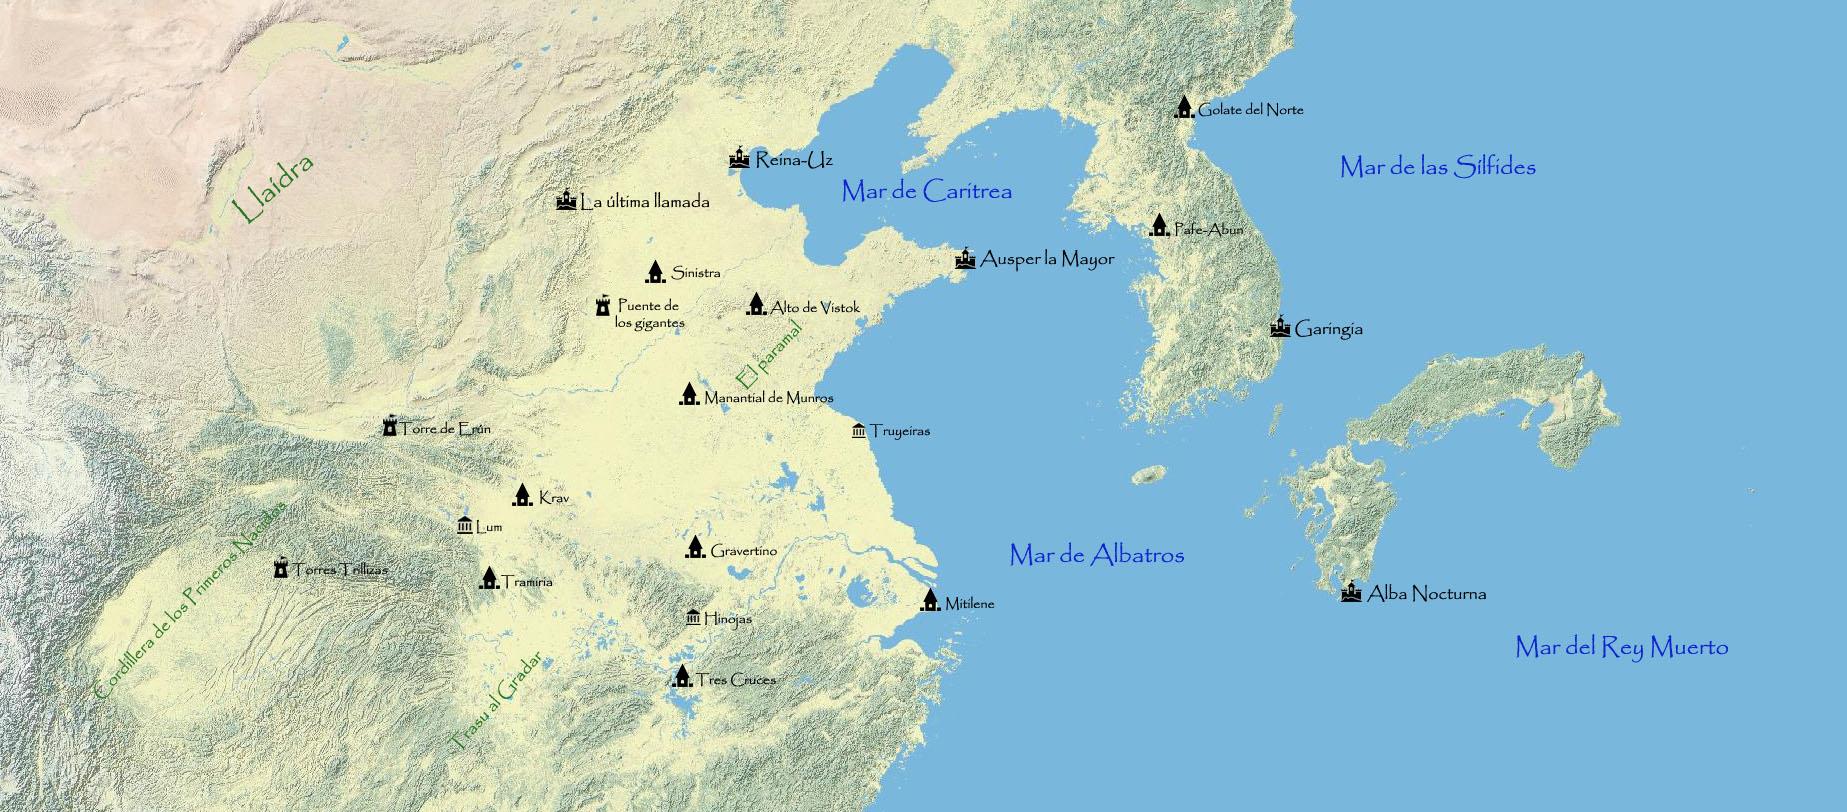 Mapa de Ampiria